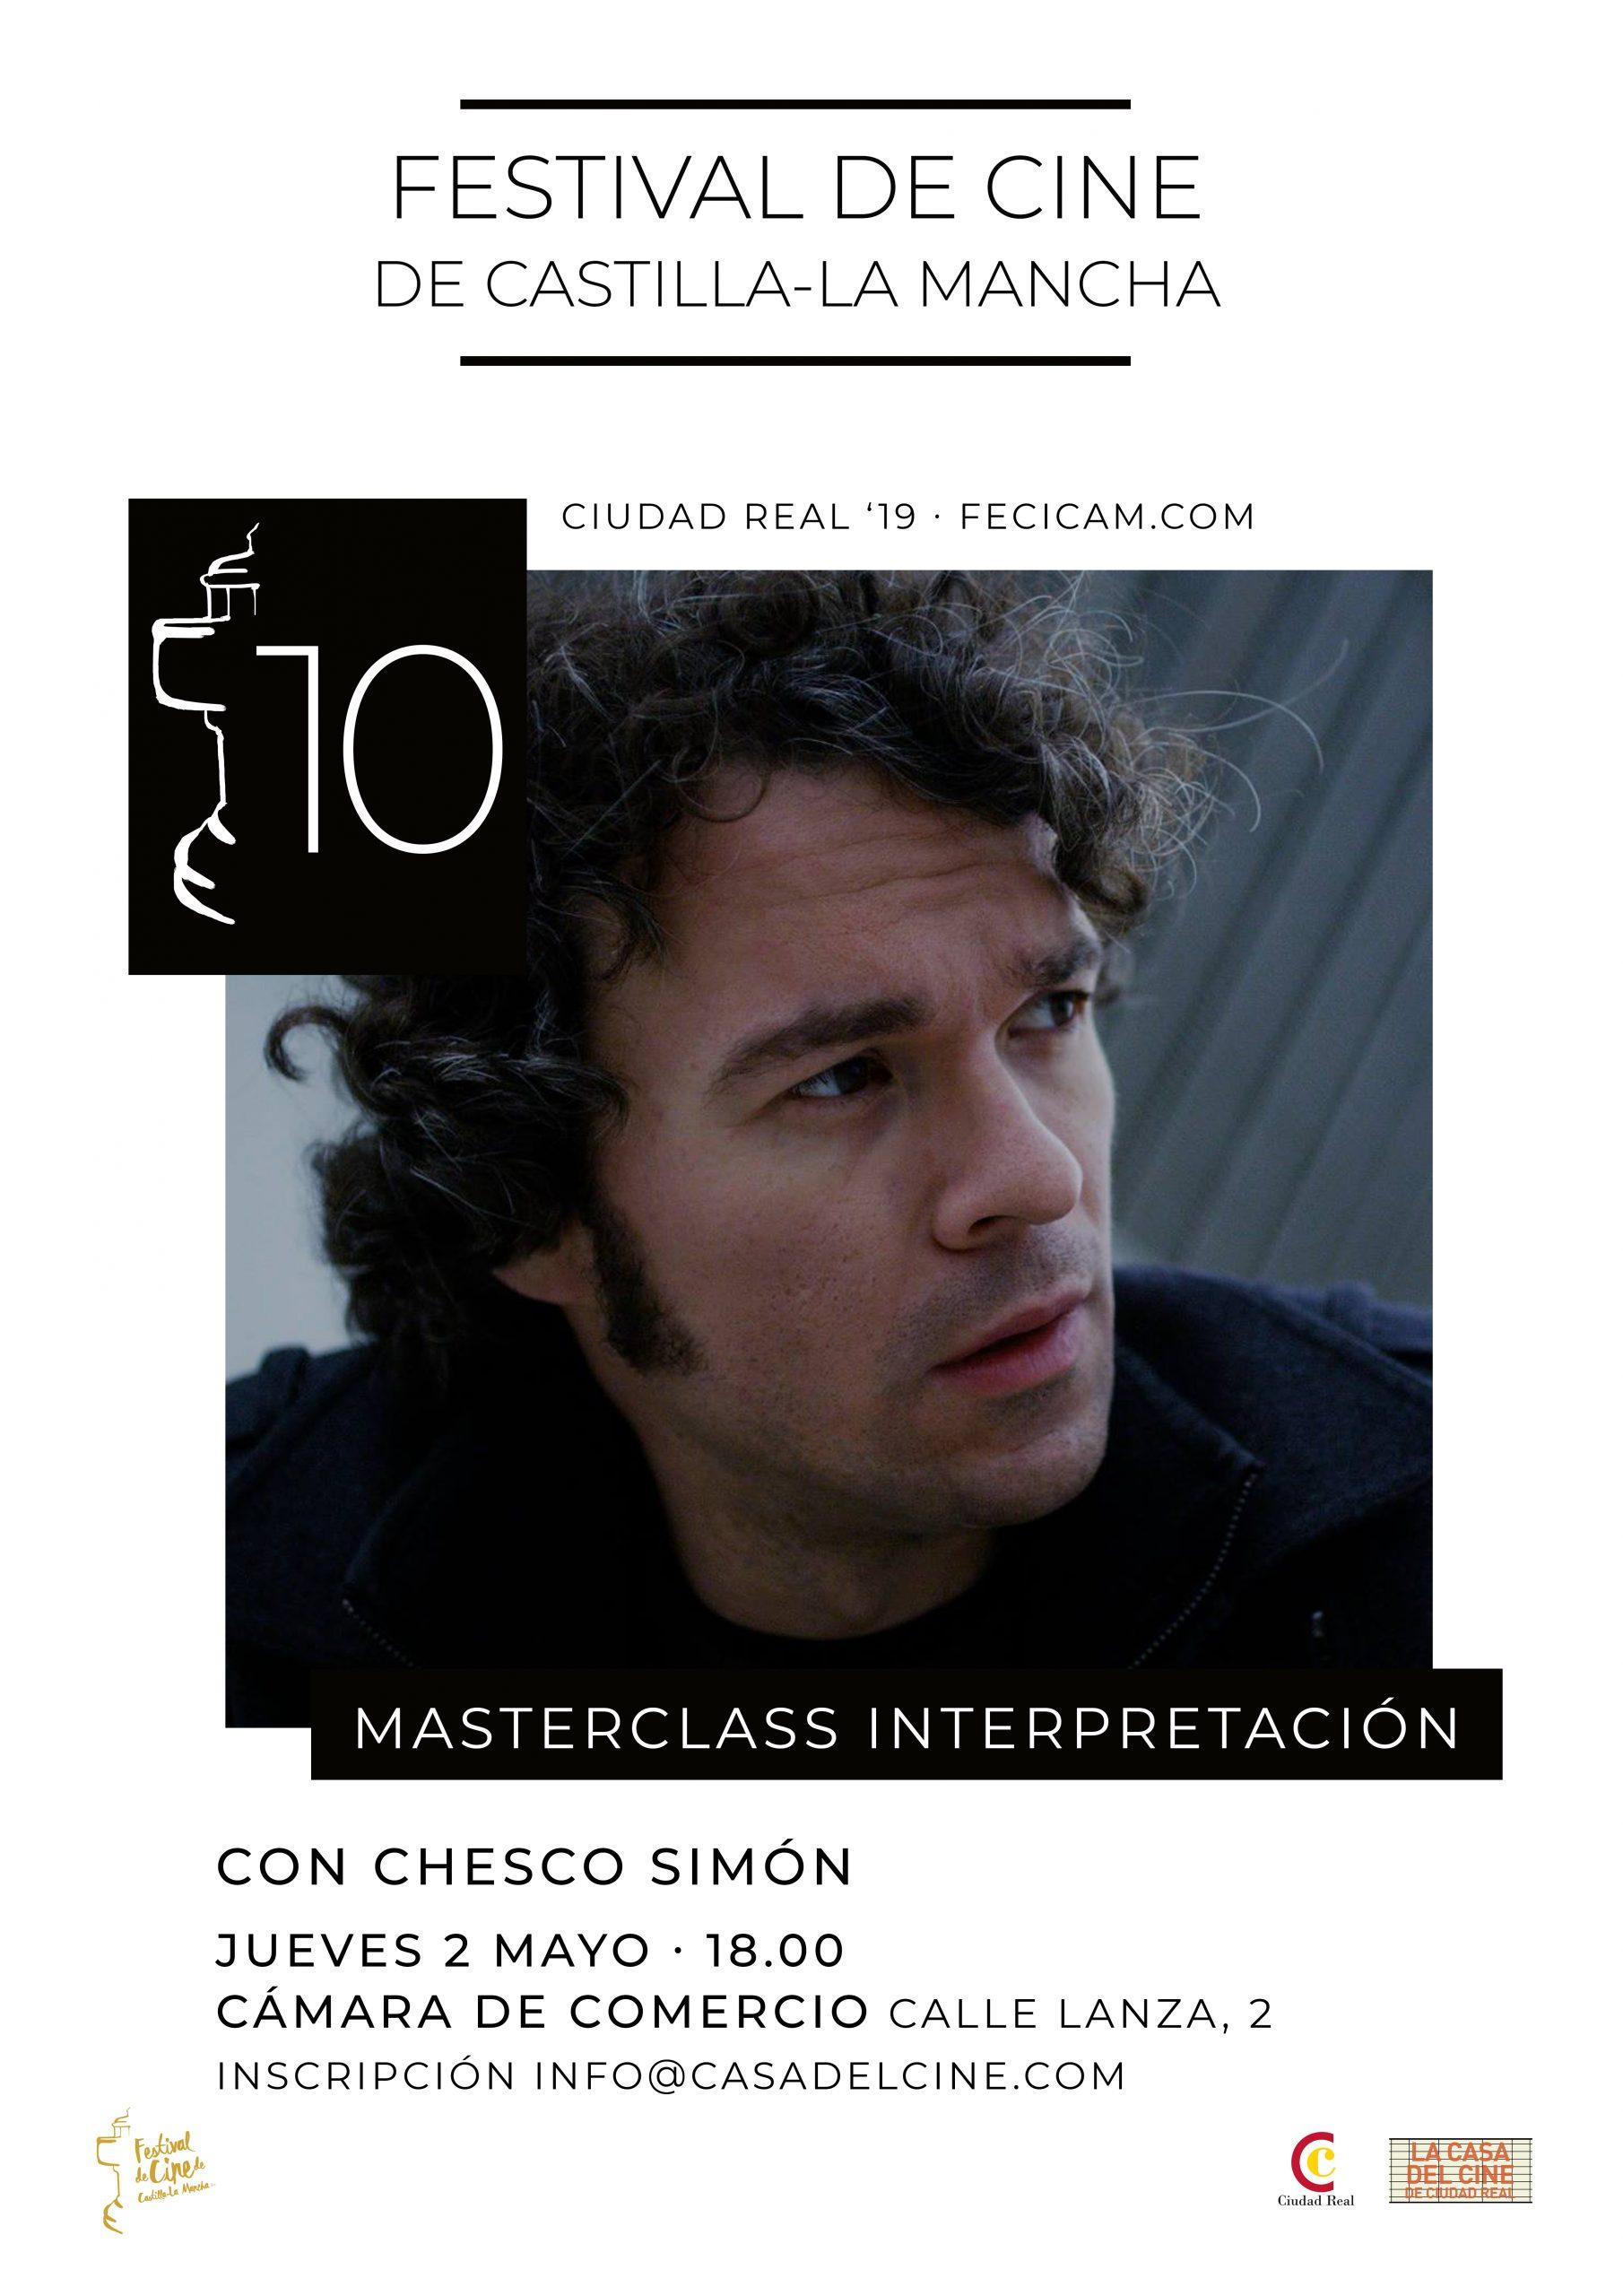 Masterclass de Interpretación con Chesco Simón